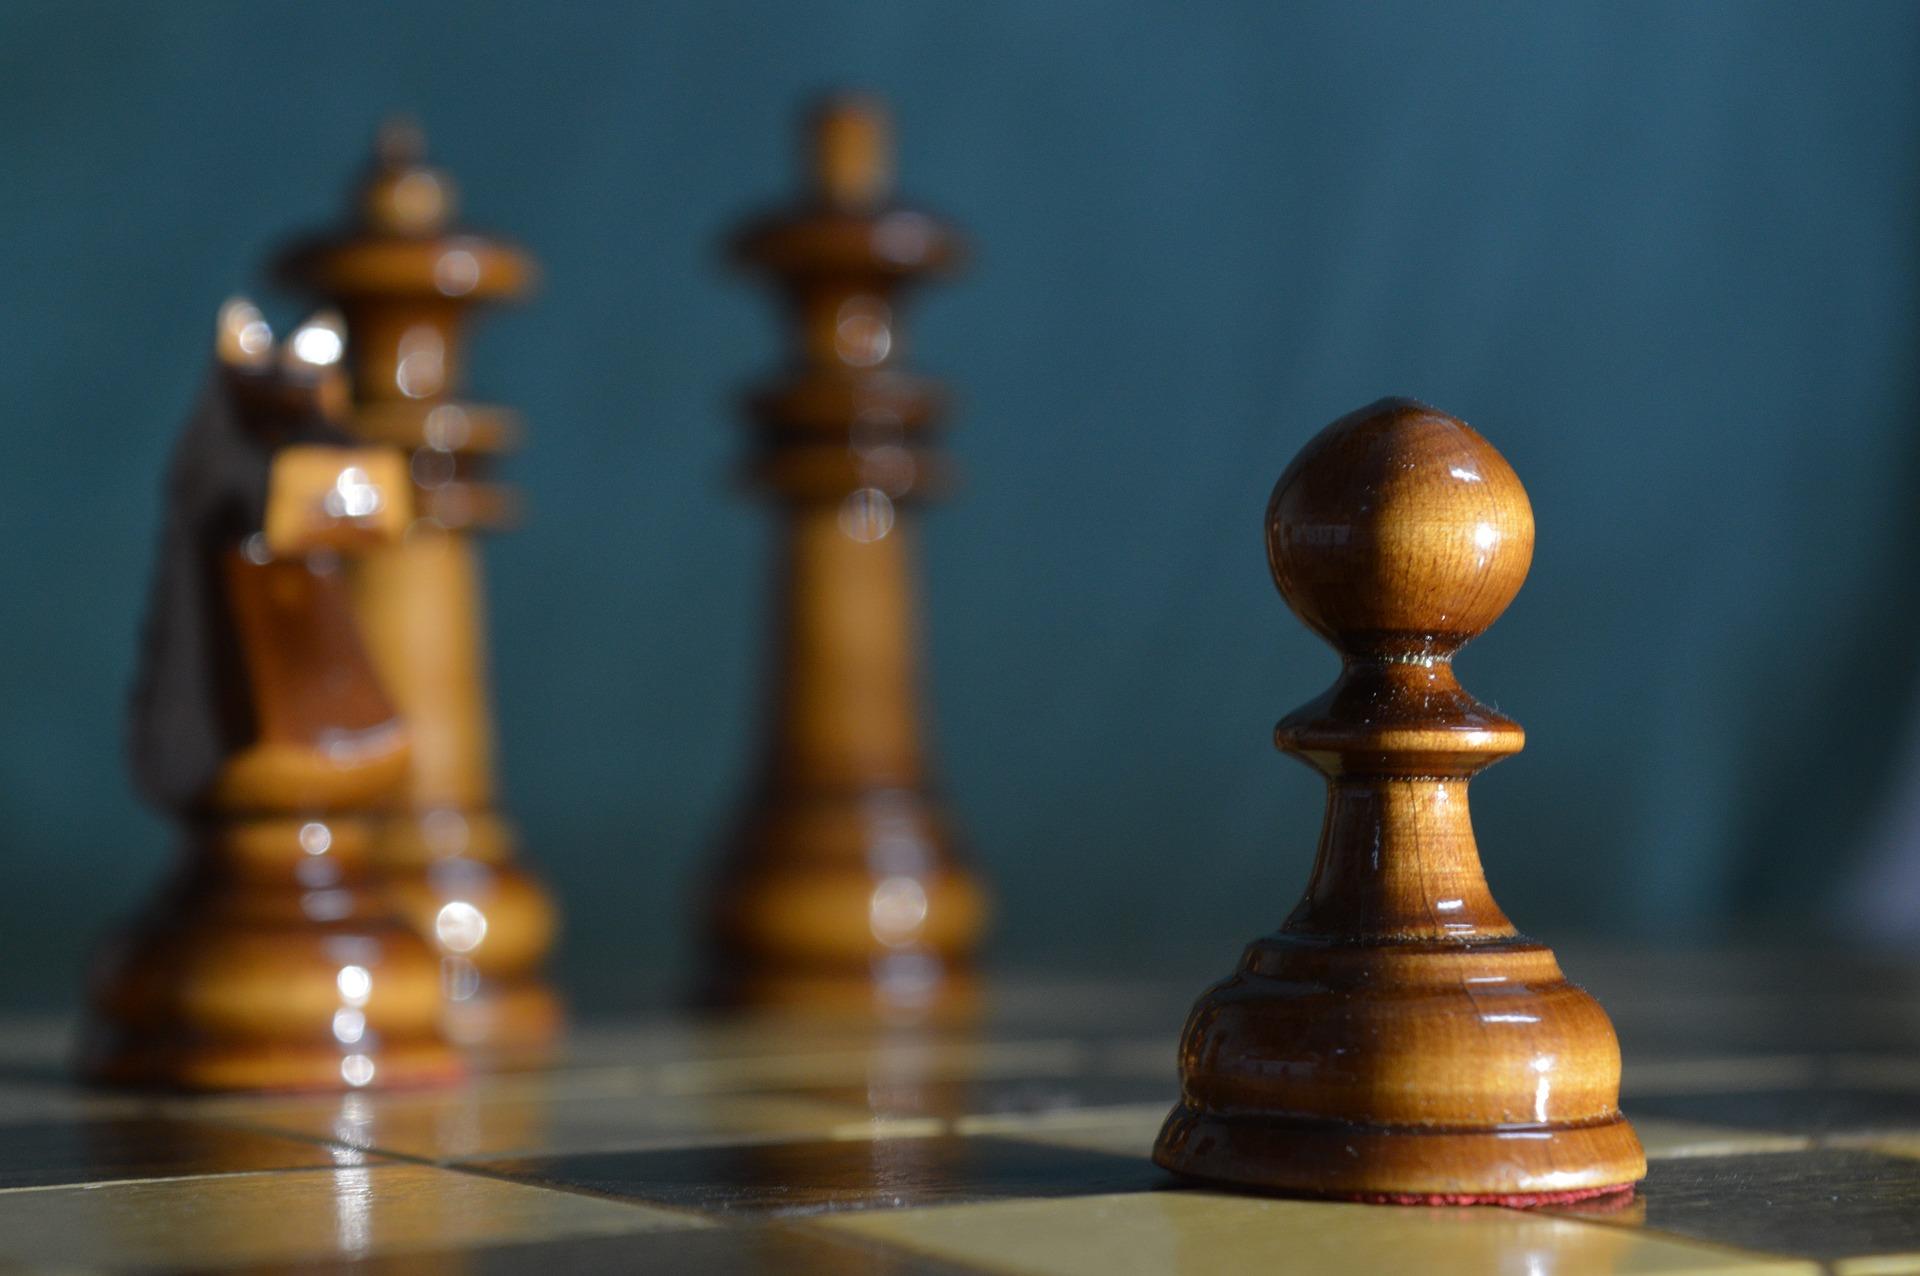 król, pionek, skoczek, hetman, szachy dla dzieci, zdjęcie, szachownica, współdziałanie, czarne bierki,